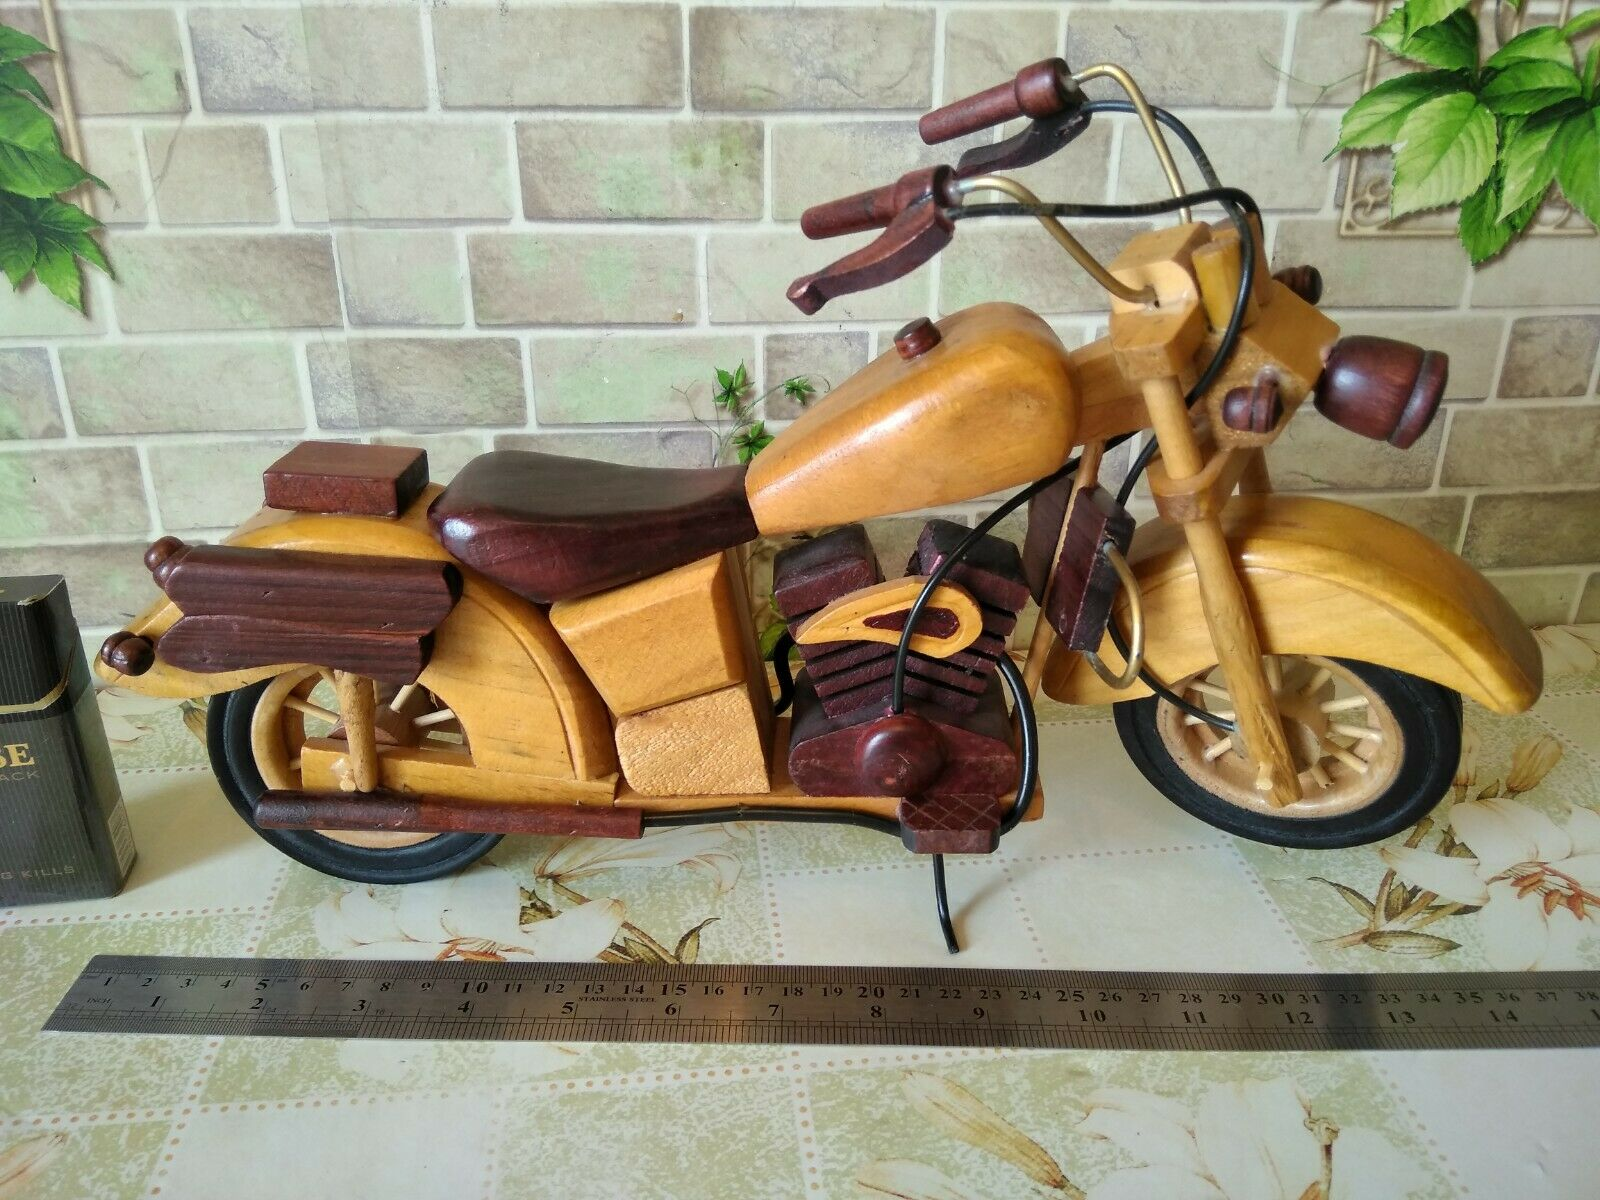 Vintage vélo moto Harley Davidson en bois jouet voiture fait main